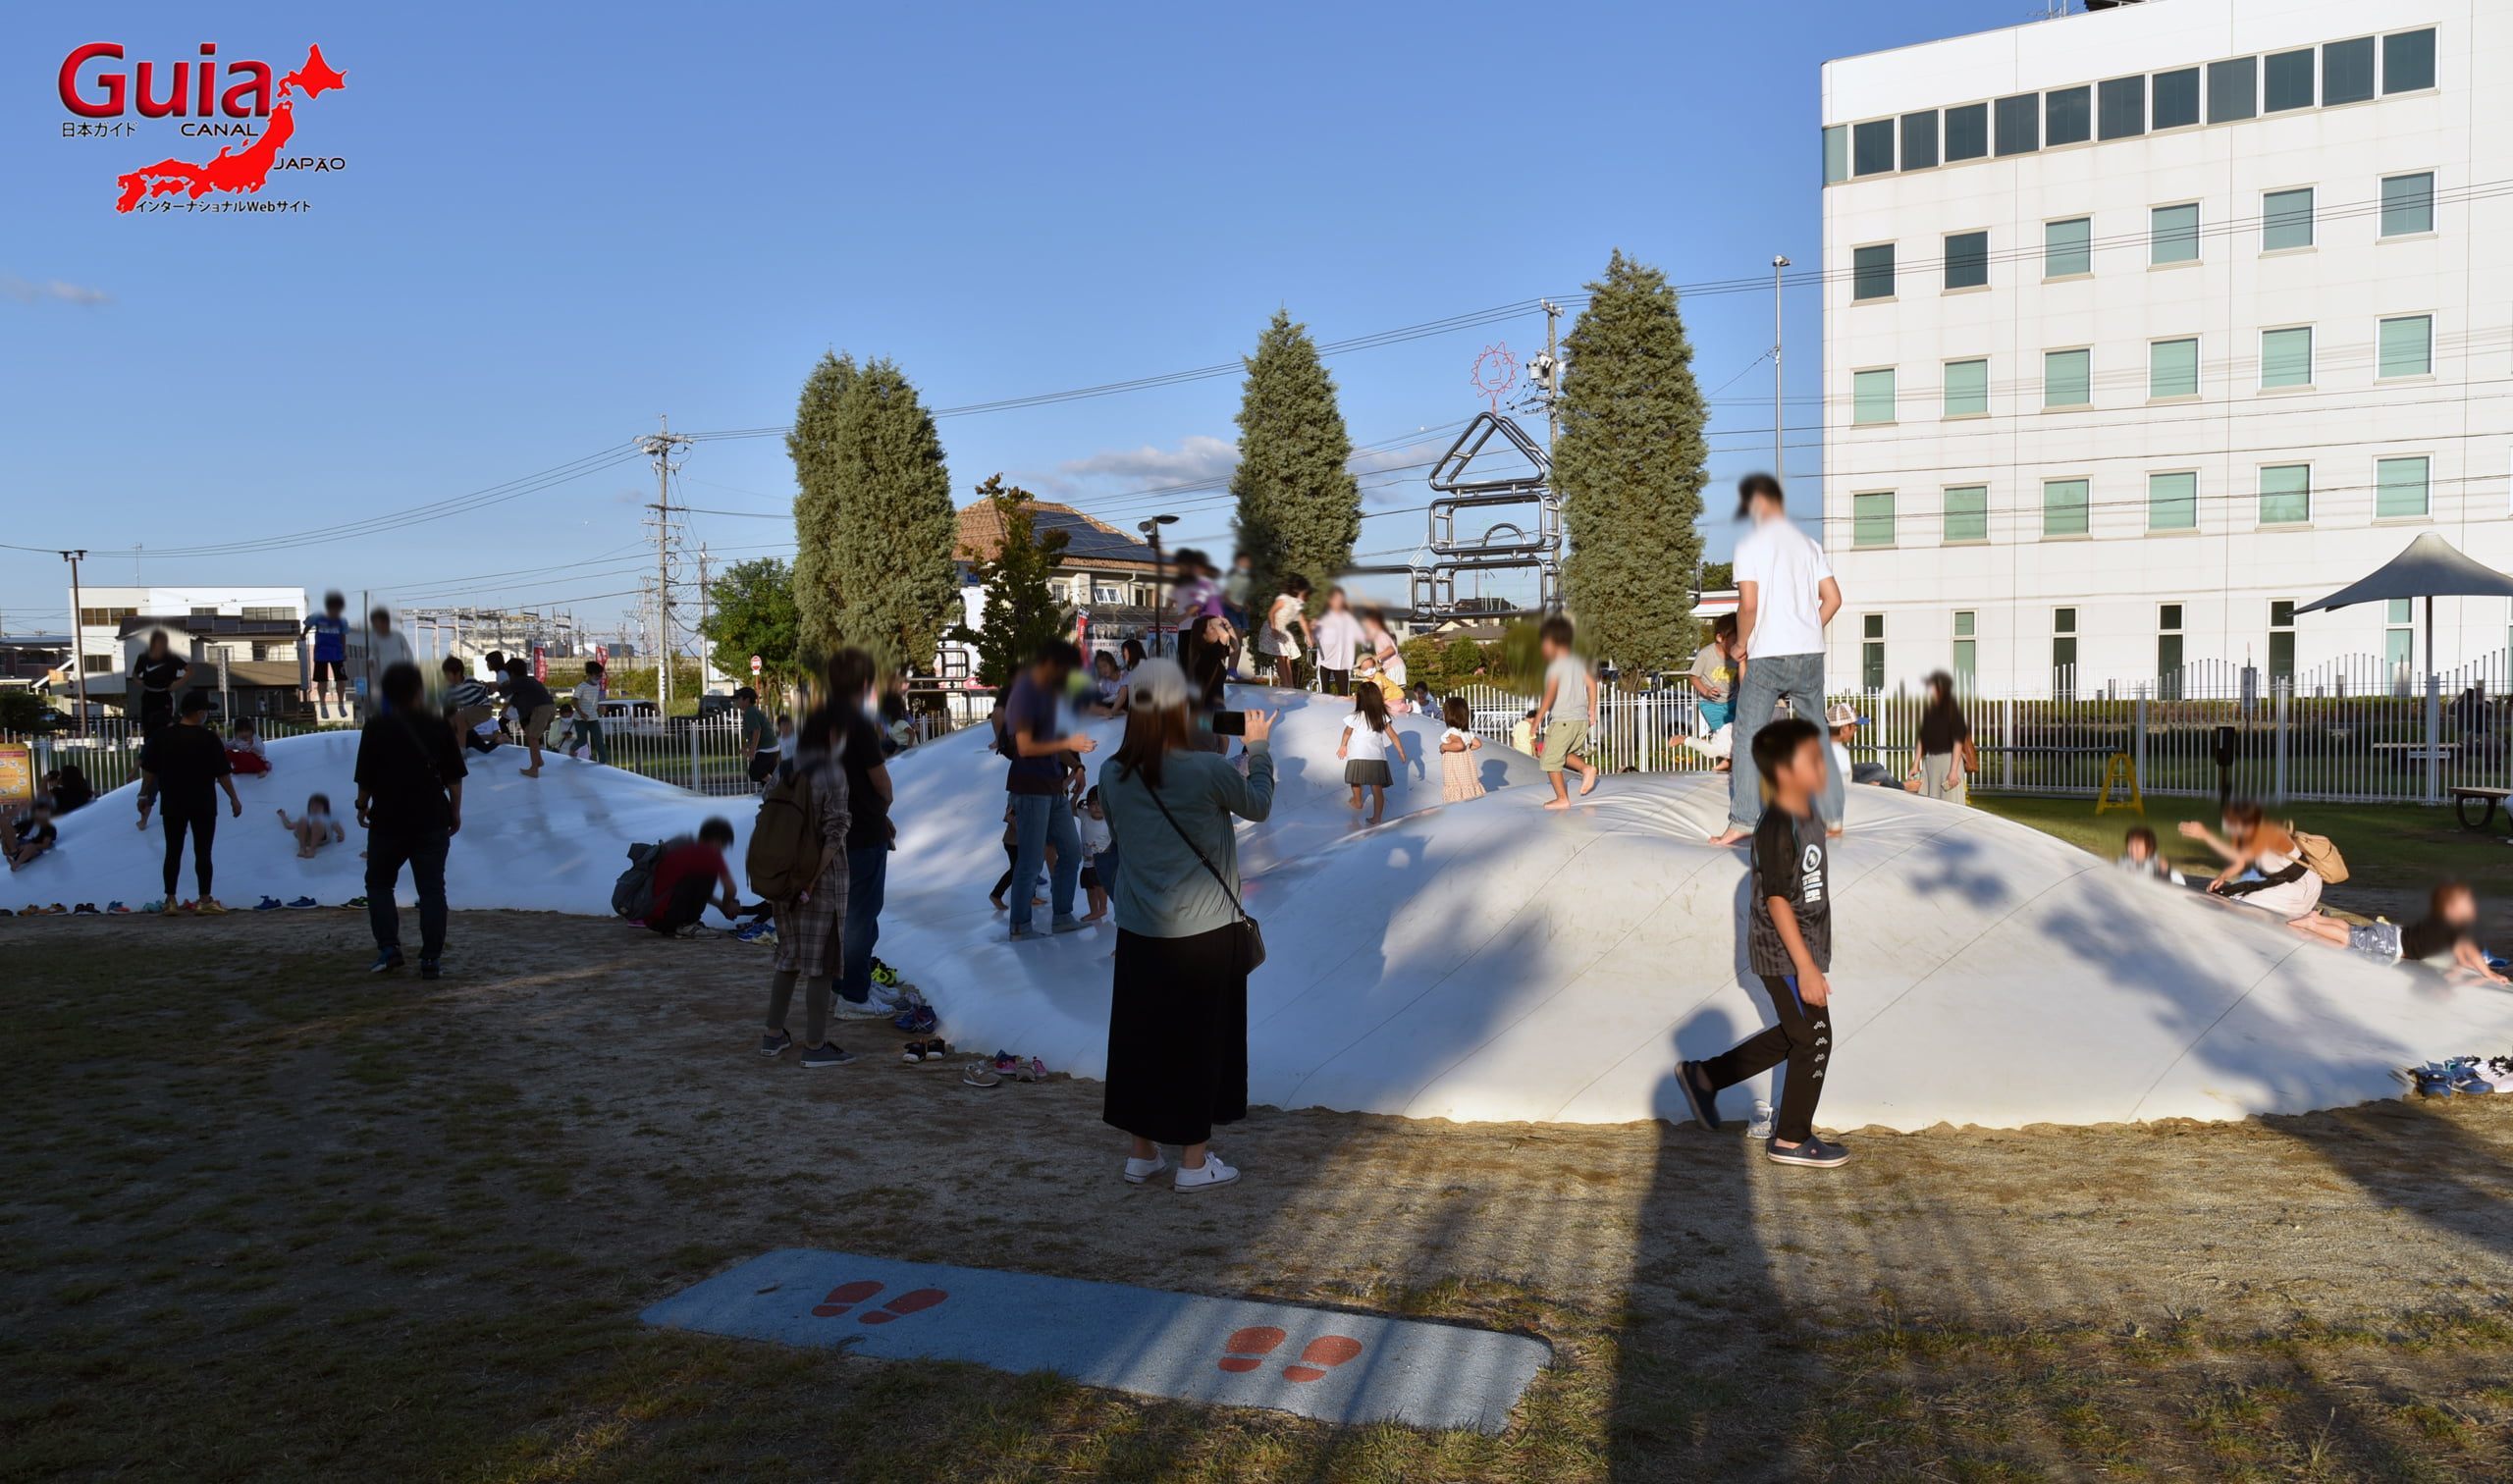 Parque Horiuchi - Anjo 29